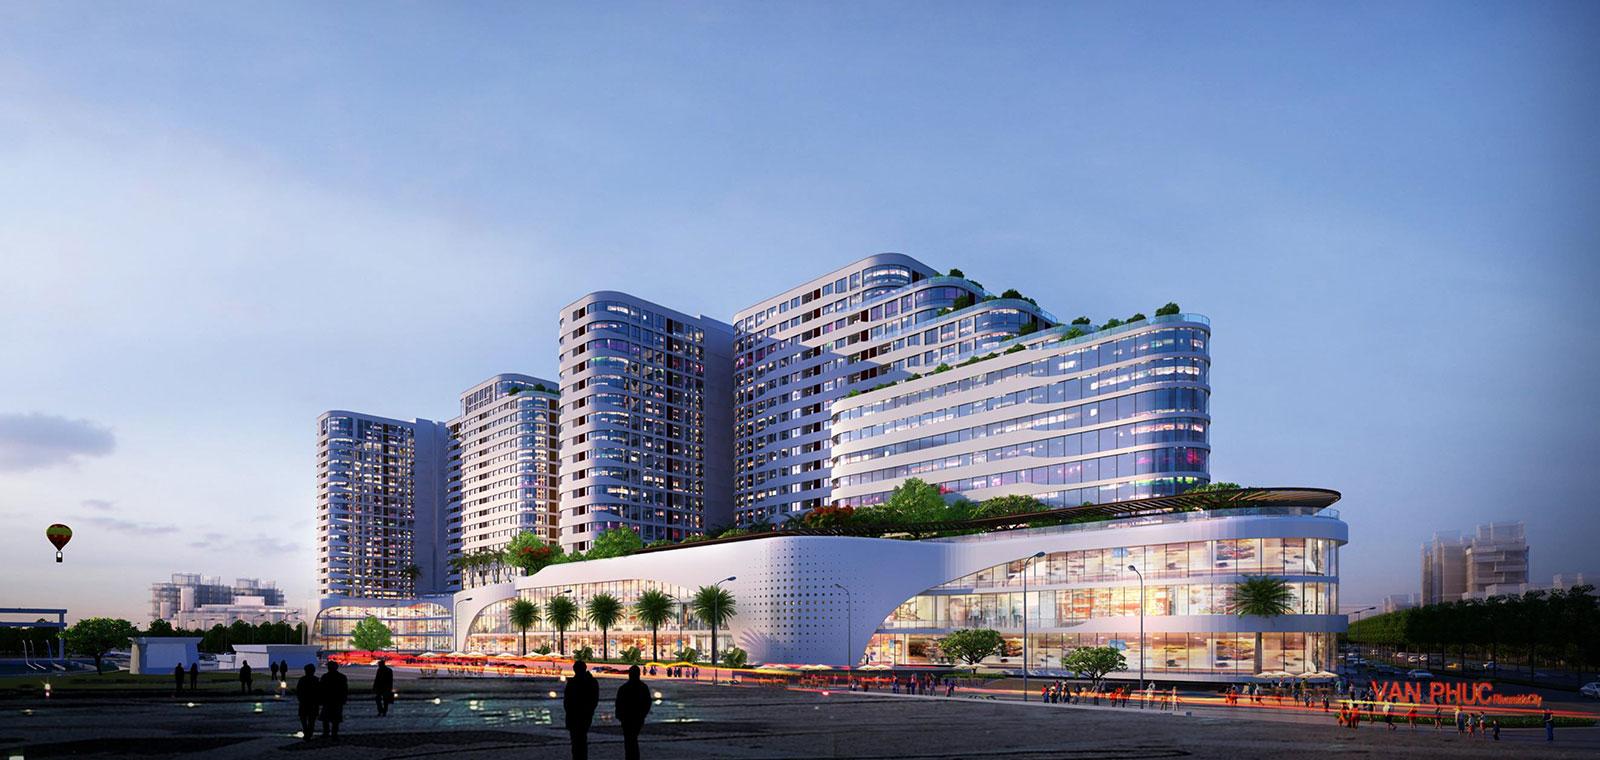 Trung tâm Thương mại khu đô thị Vạn Phúc